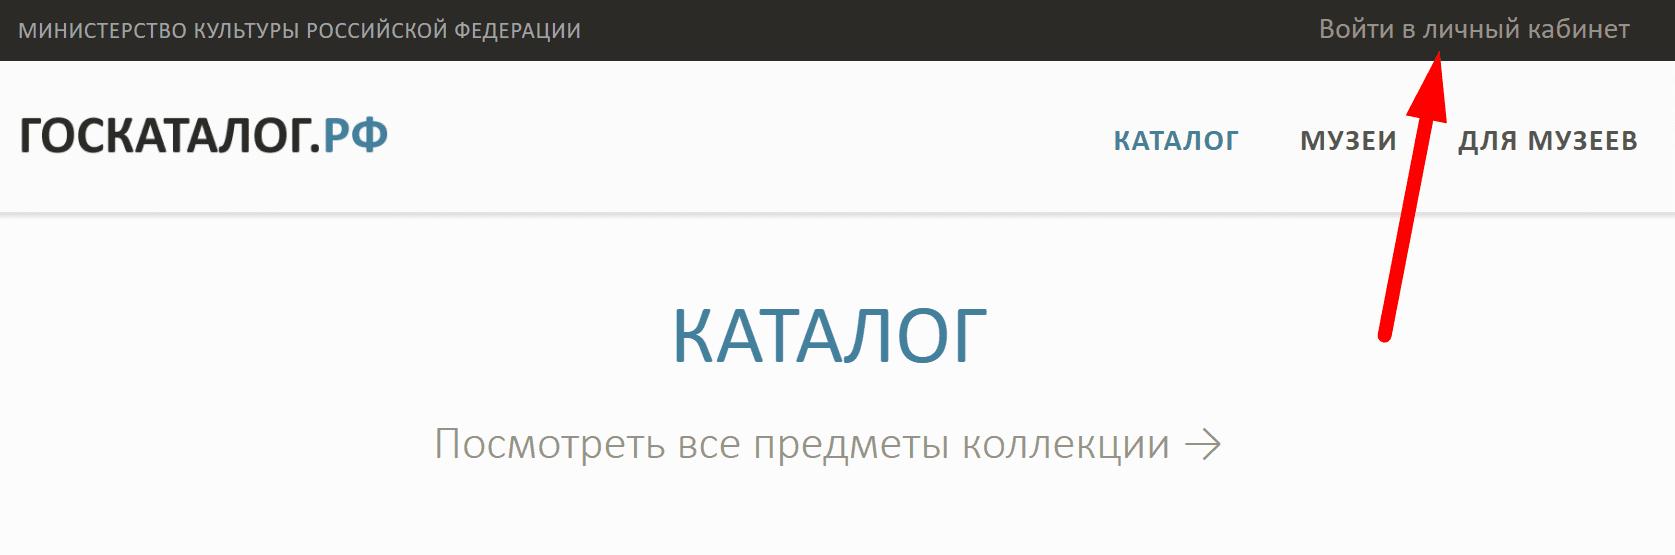 Официальный сайт «Госкаталог музейного фонда»